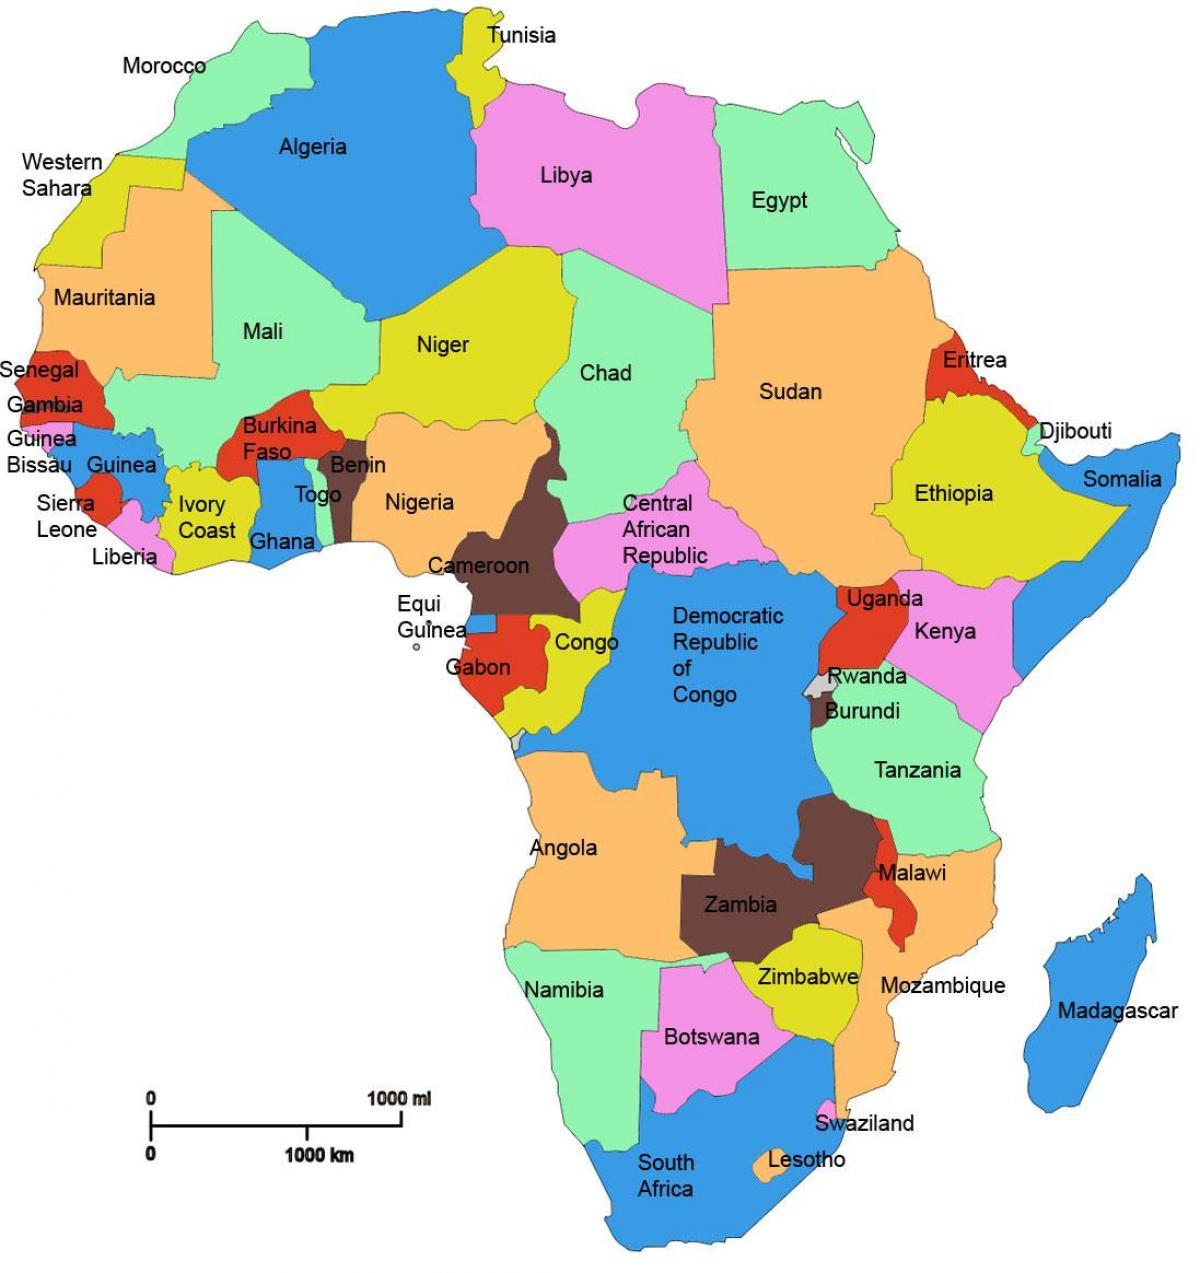 Tanzanie Afrika Mapa Mapa Afriky Ukazuje Tanzanie Vychodni